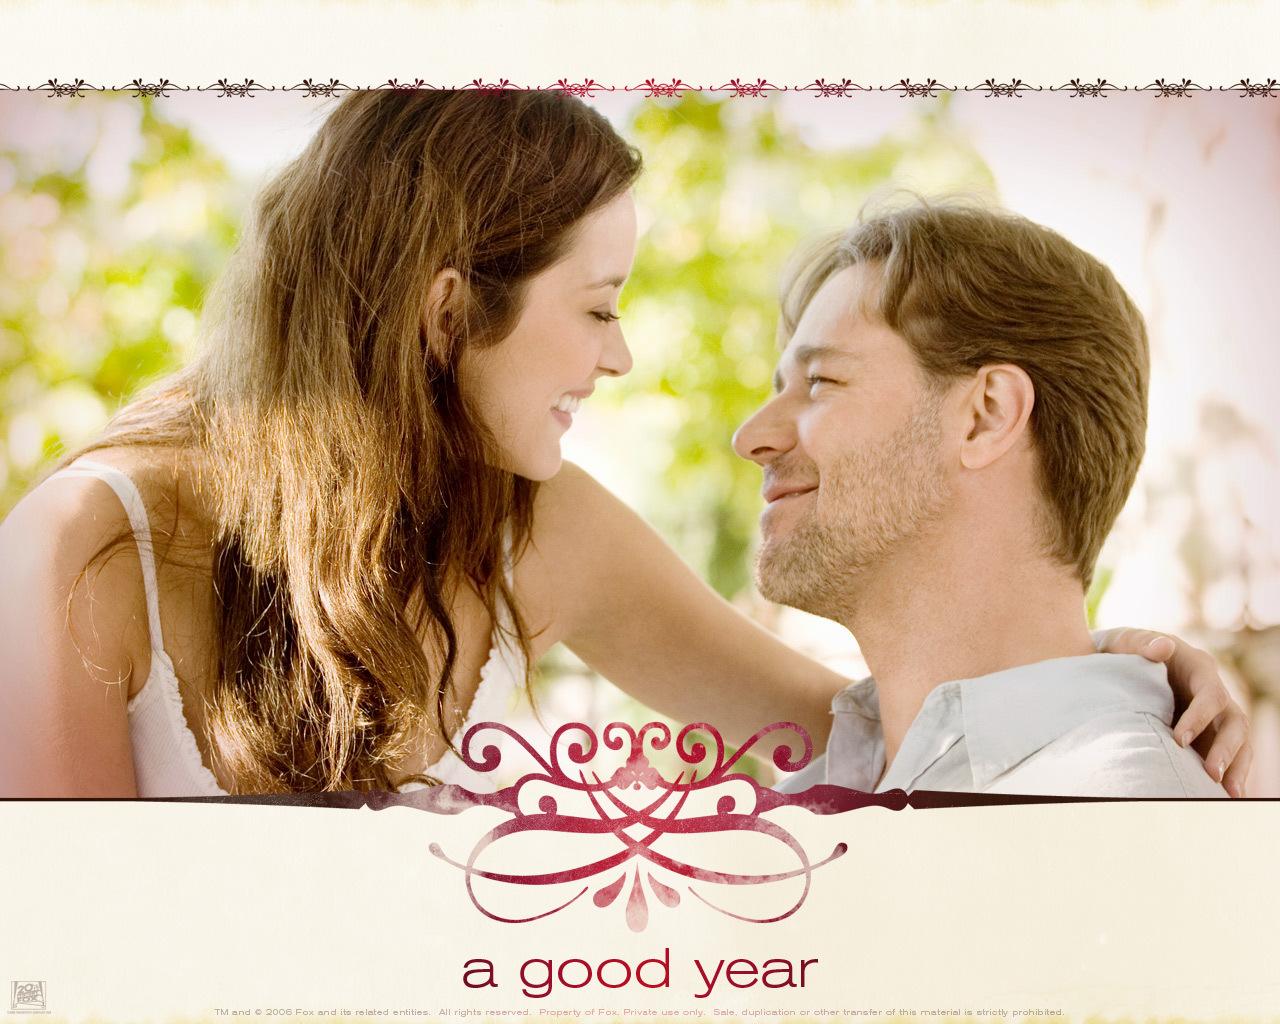 bons filmes para bons vinhos  4